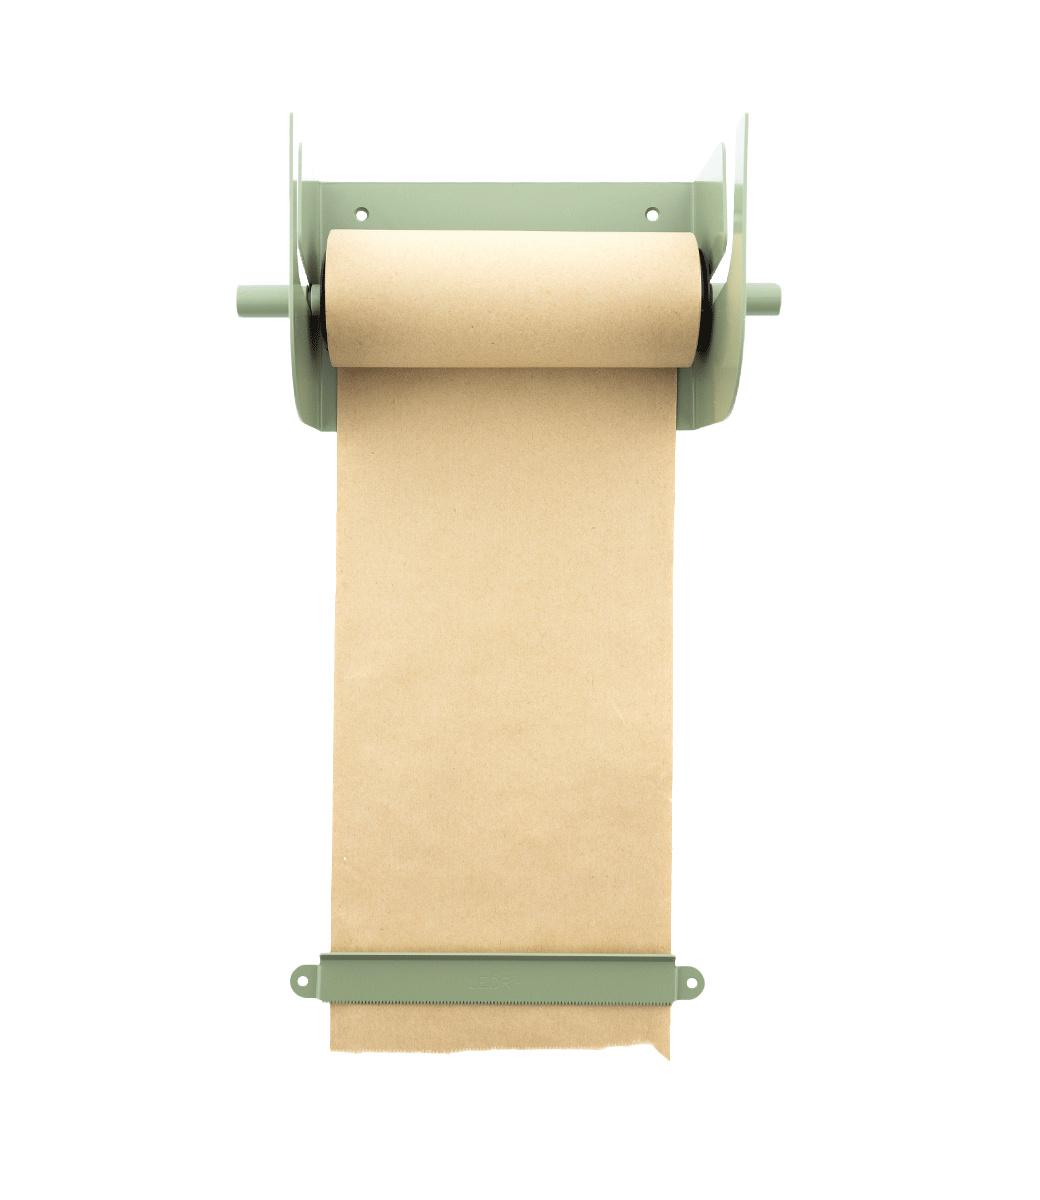 Kraft paper roller M - Grün-6